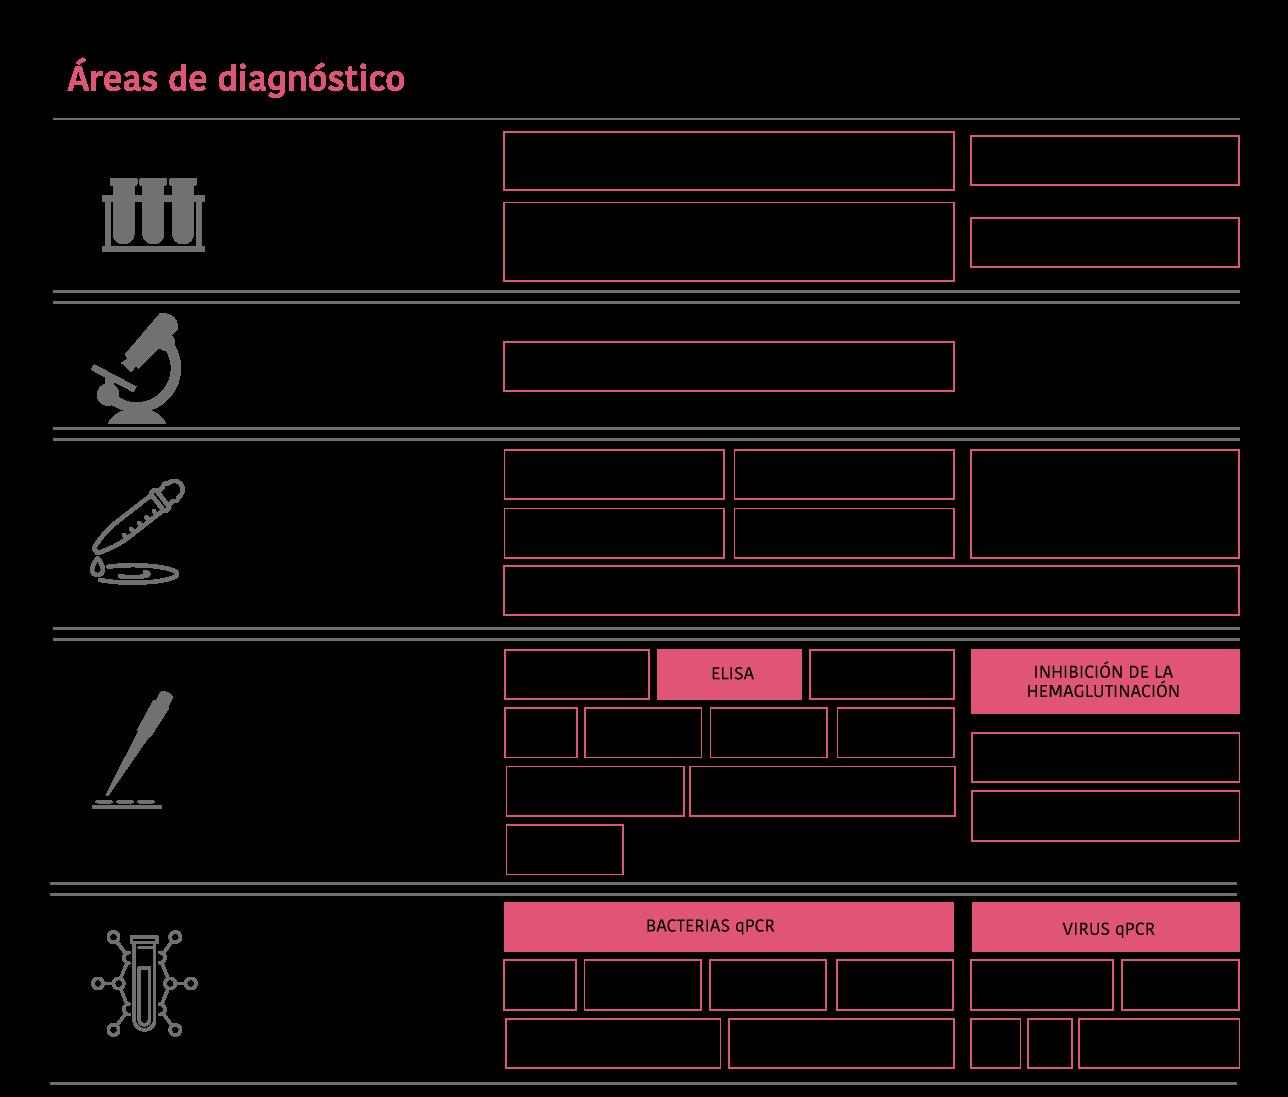 https://www.porkcolombia.co/wp-content/uploads/2021/07/servicio-de-laboratorio-1.png